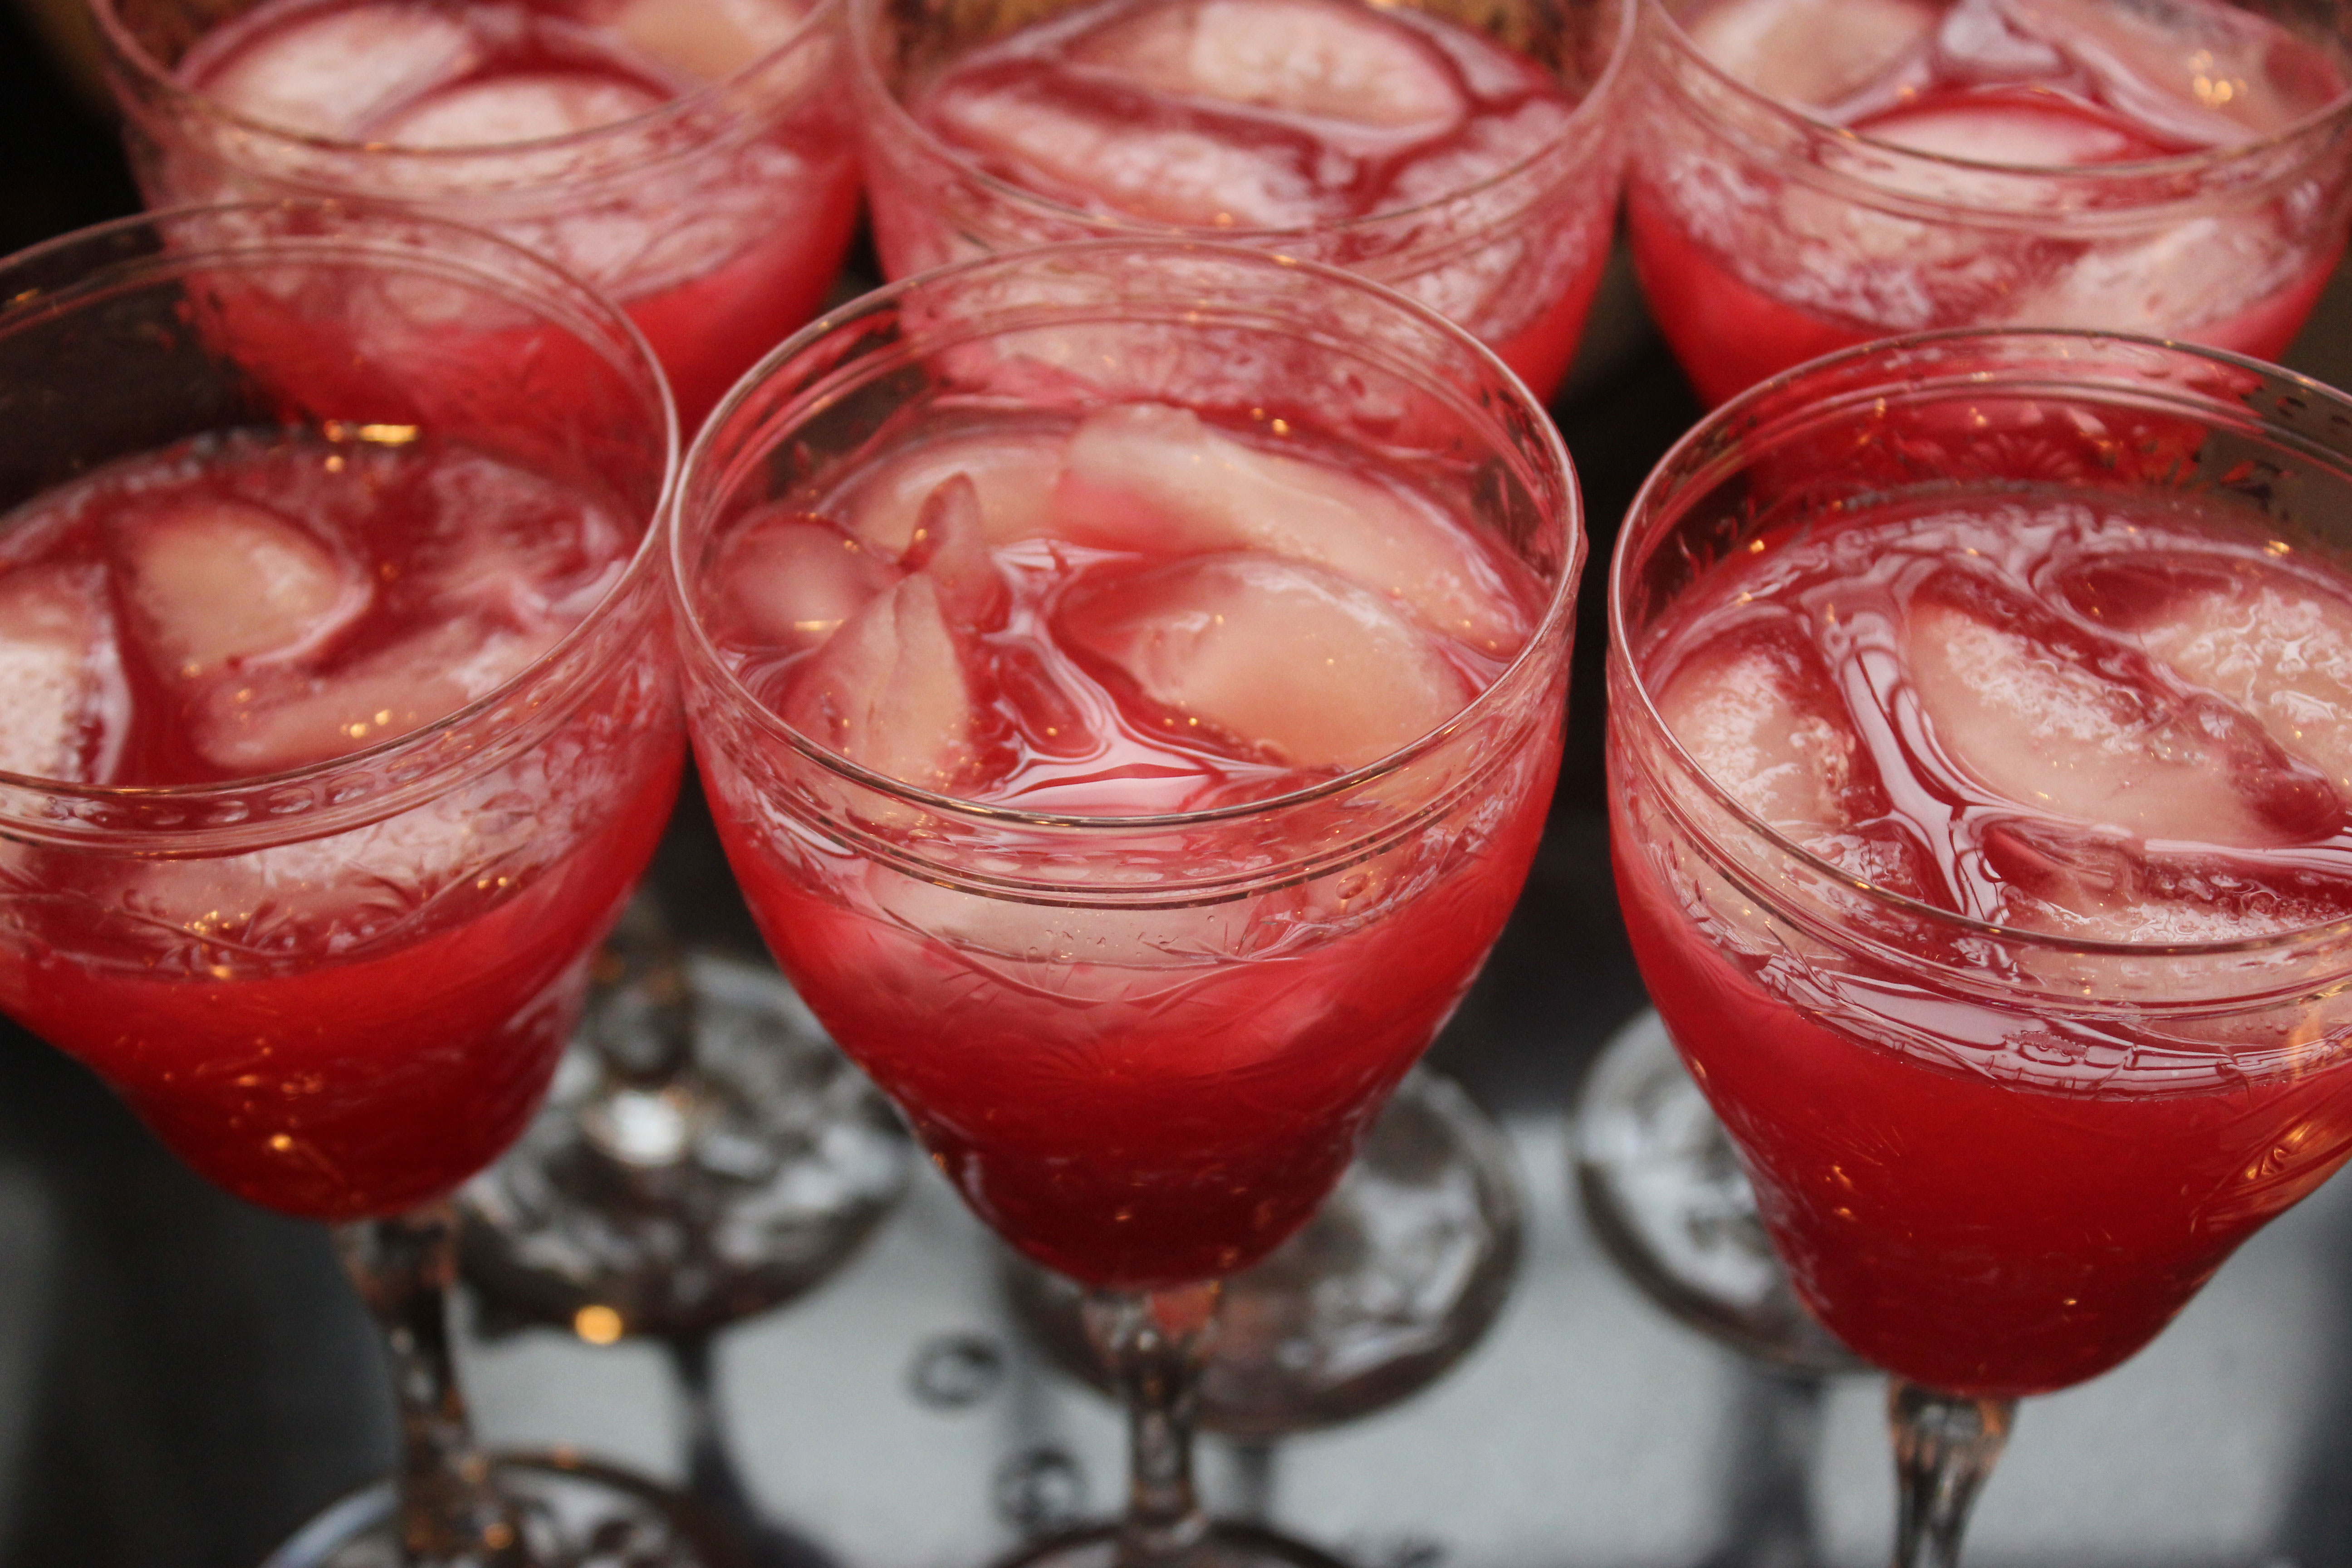 TBT Recipe: Cranberry Margarita